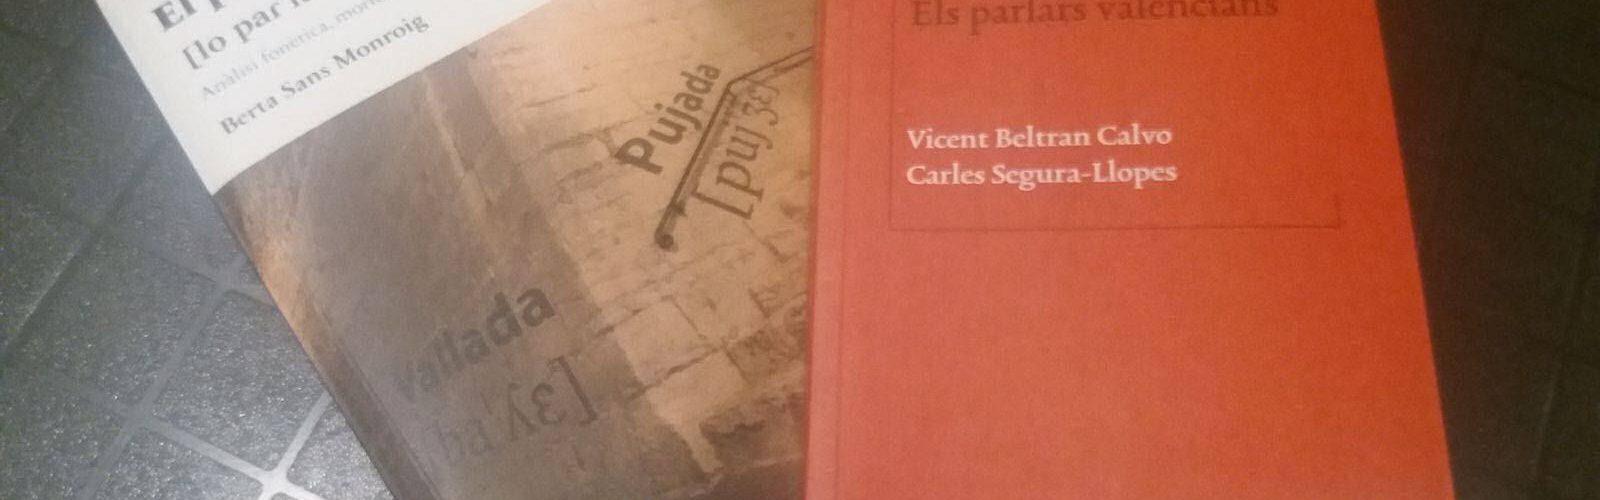 Xarrades lingüístiques per l'Ateneu Cultural de Benicarló